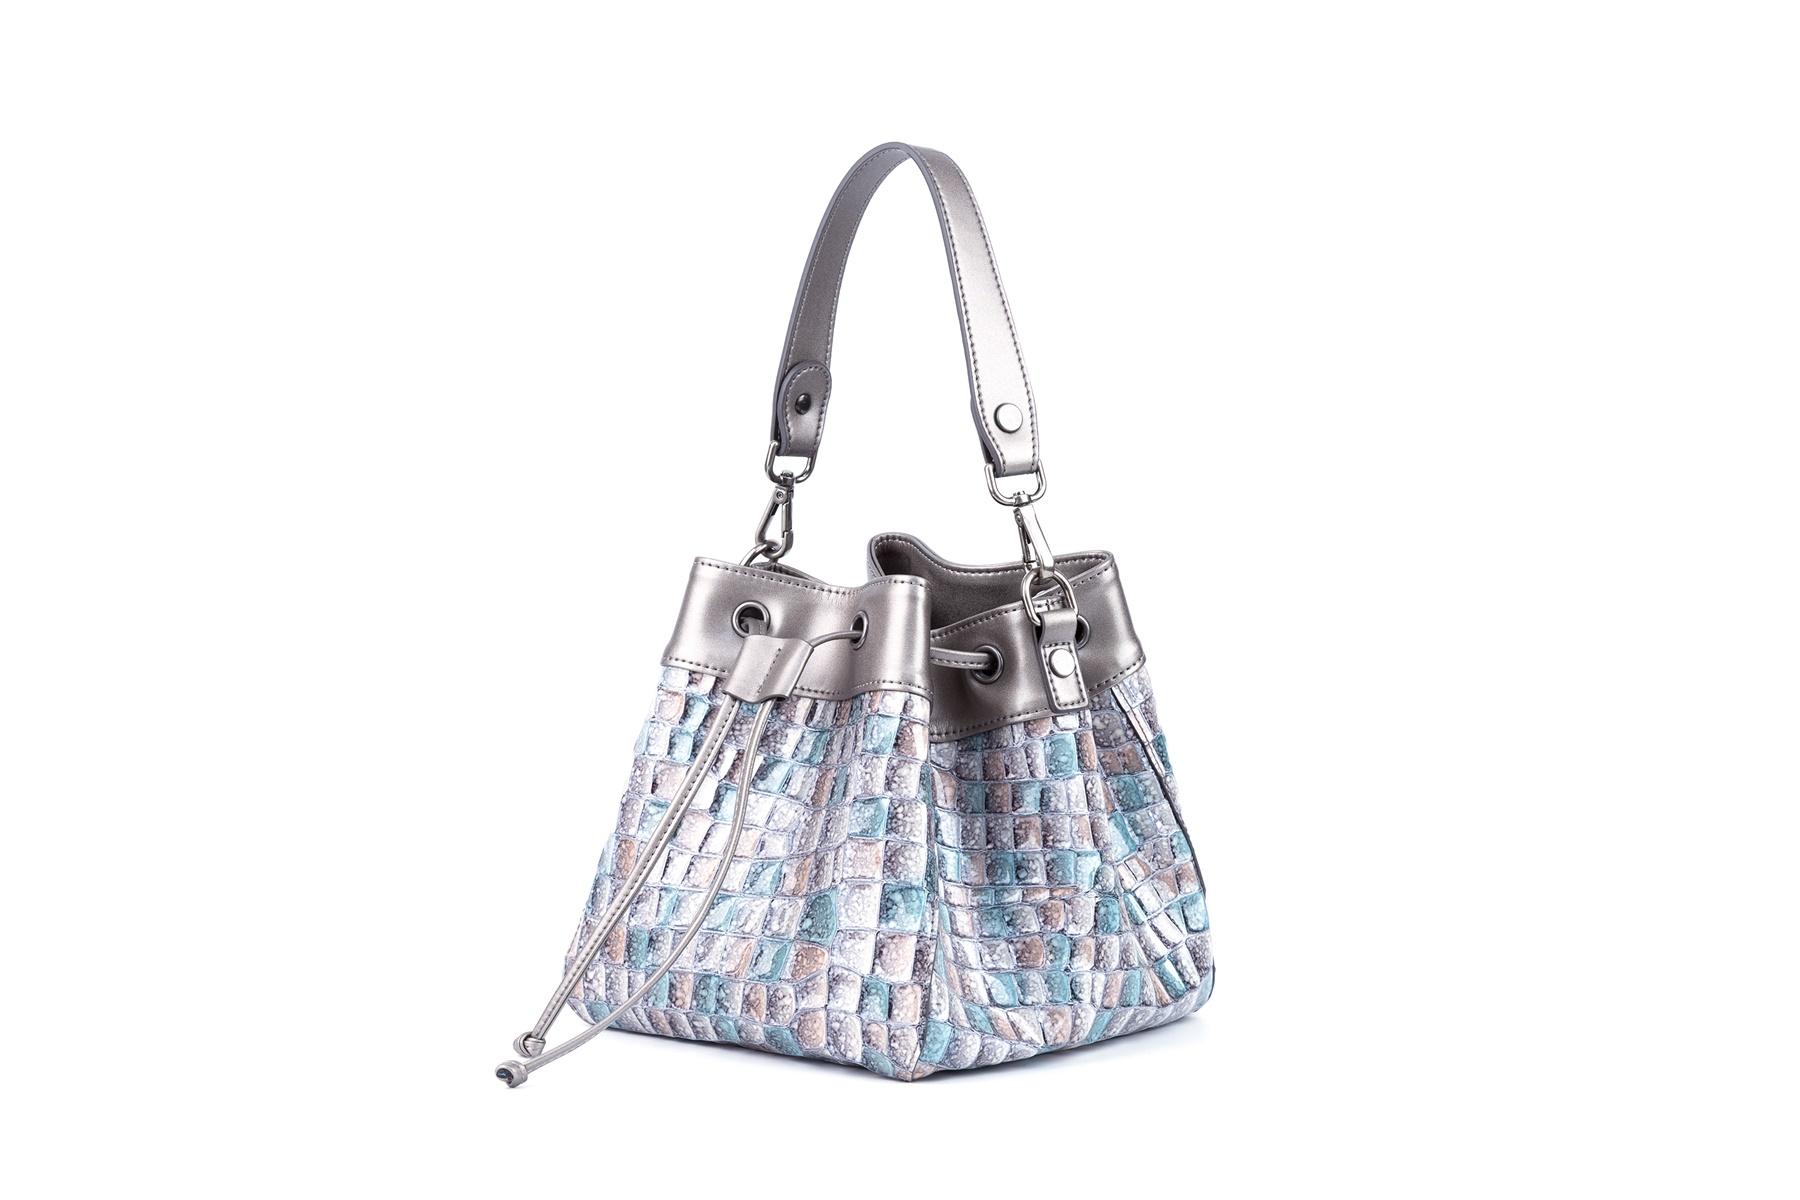 GF bags-Best Shoulder Bags Online Ladies Small Shoulder Bags - GF Bags-5